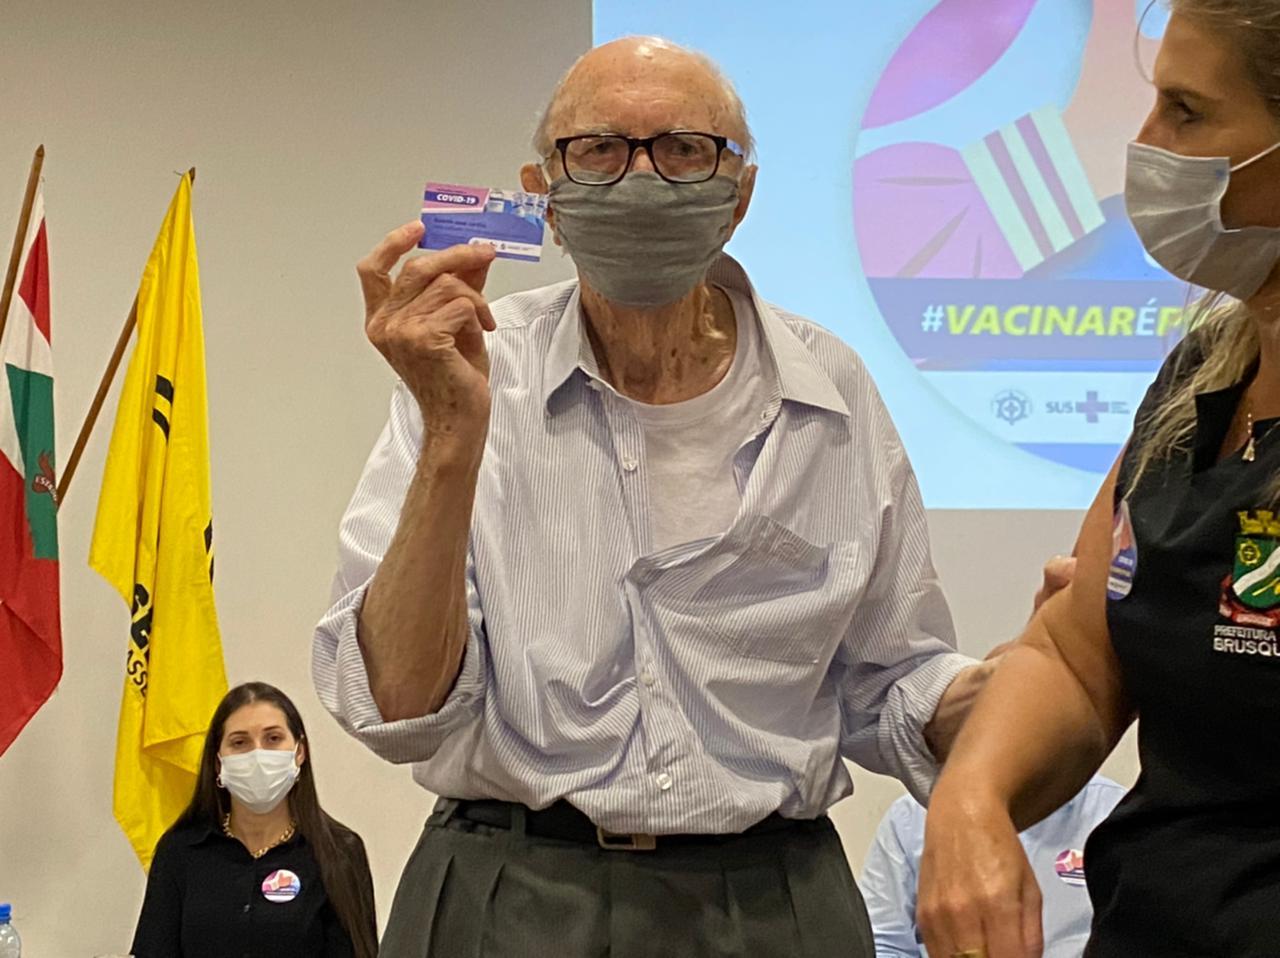 IMAGEM: Walter Orthmann, de 98 anos, é o primeiro vacinado em Brusque